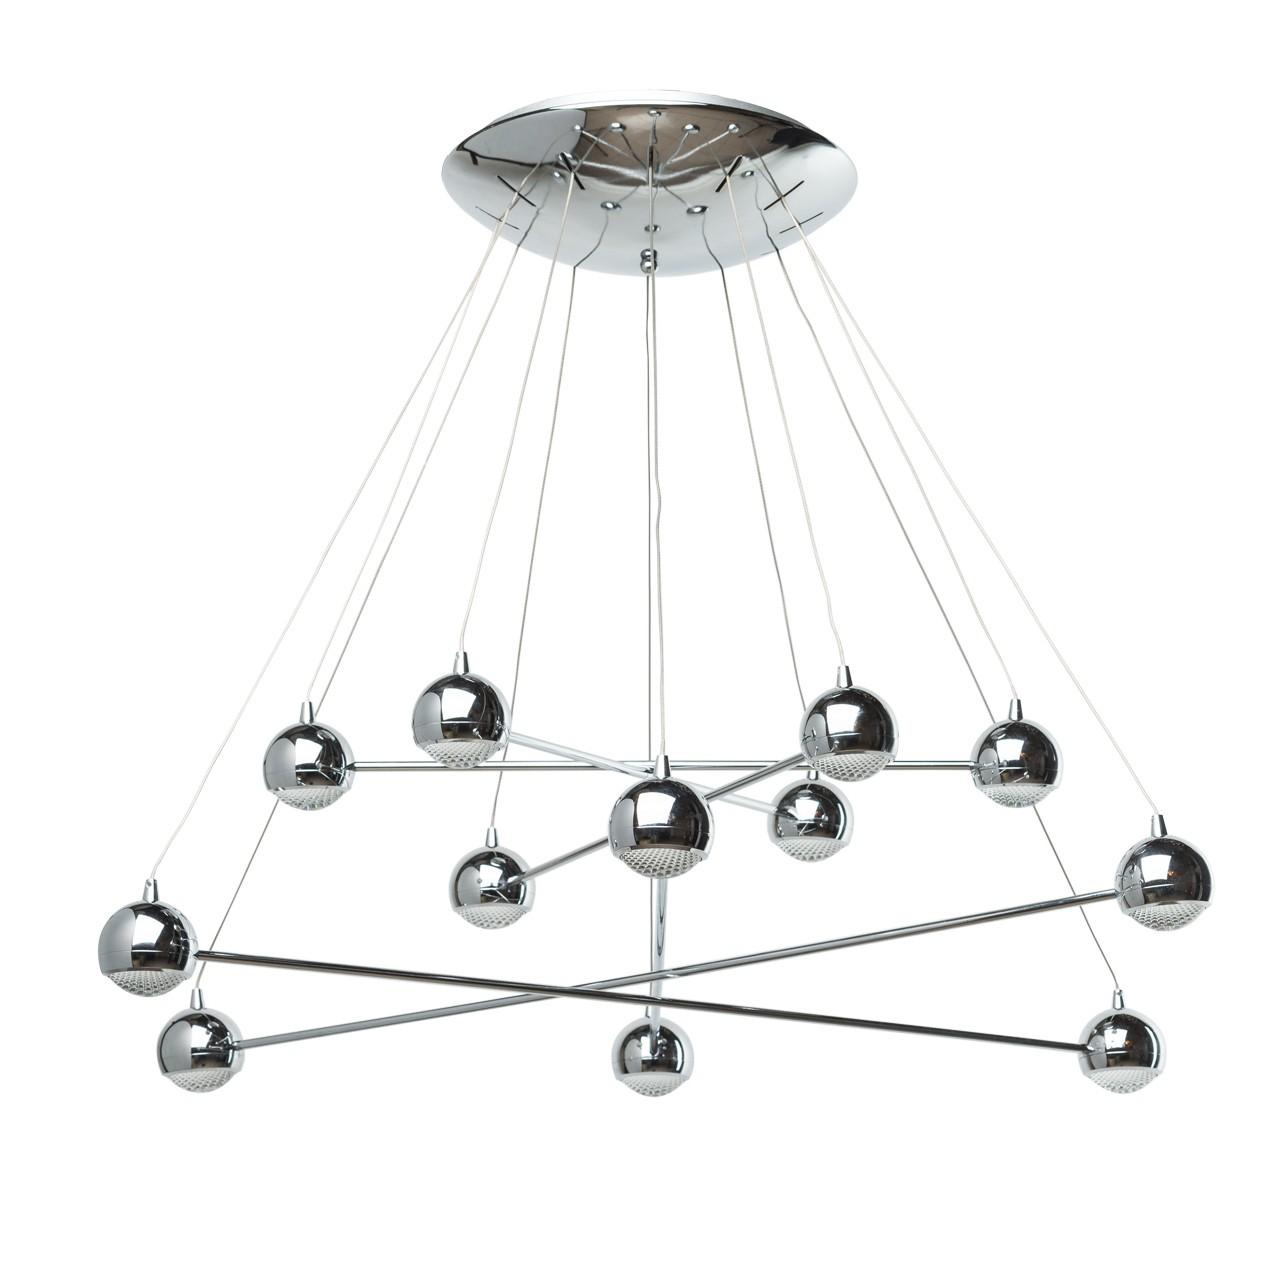 LED-Kronleuchter Techno 498010512